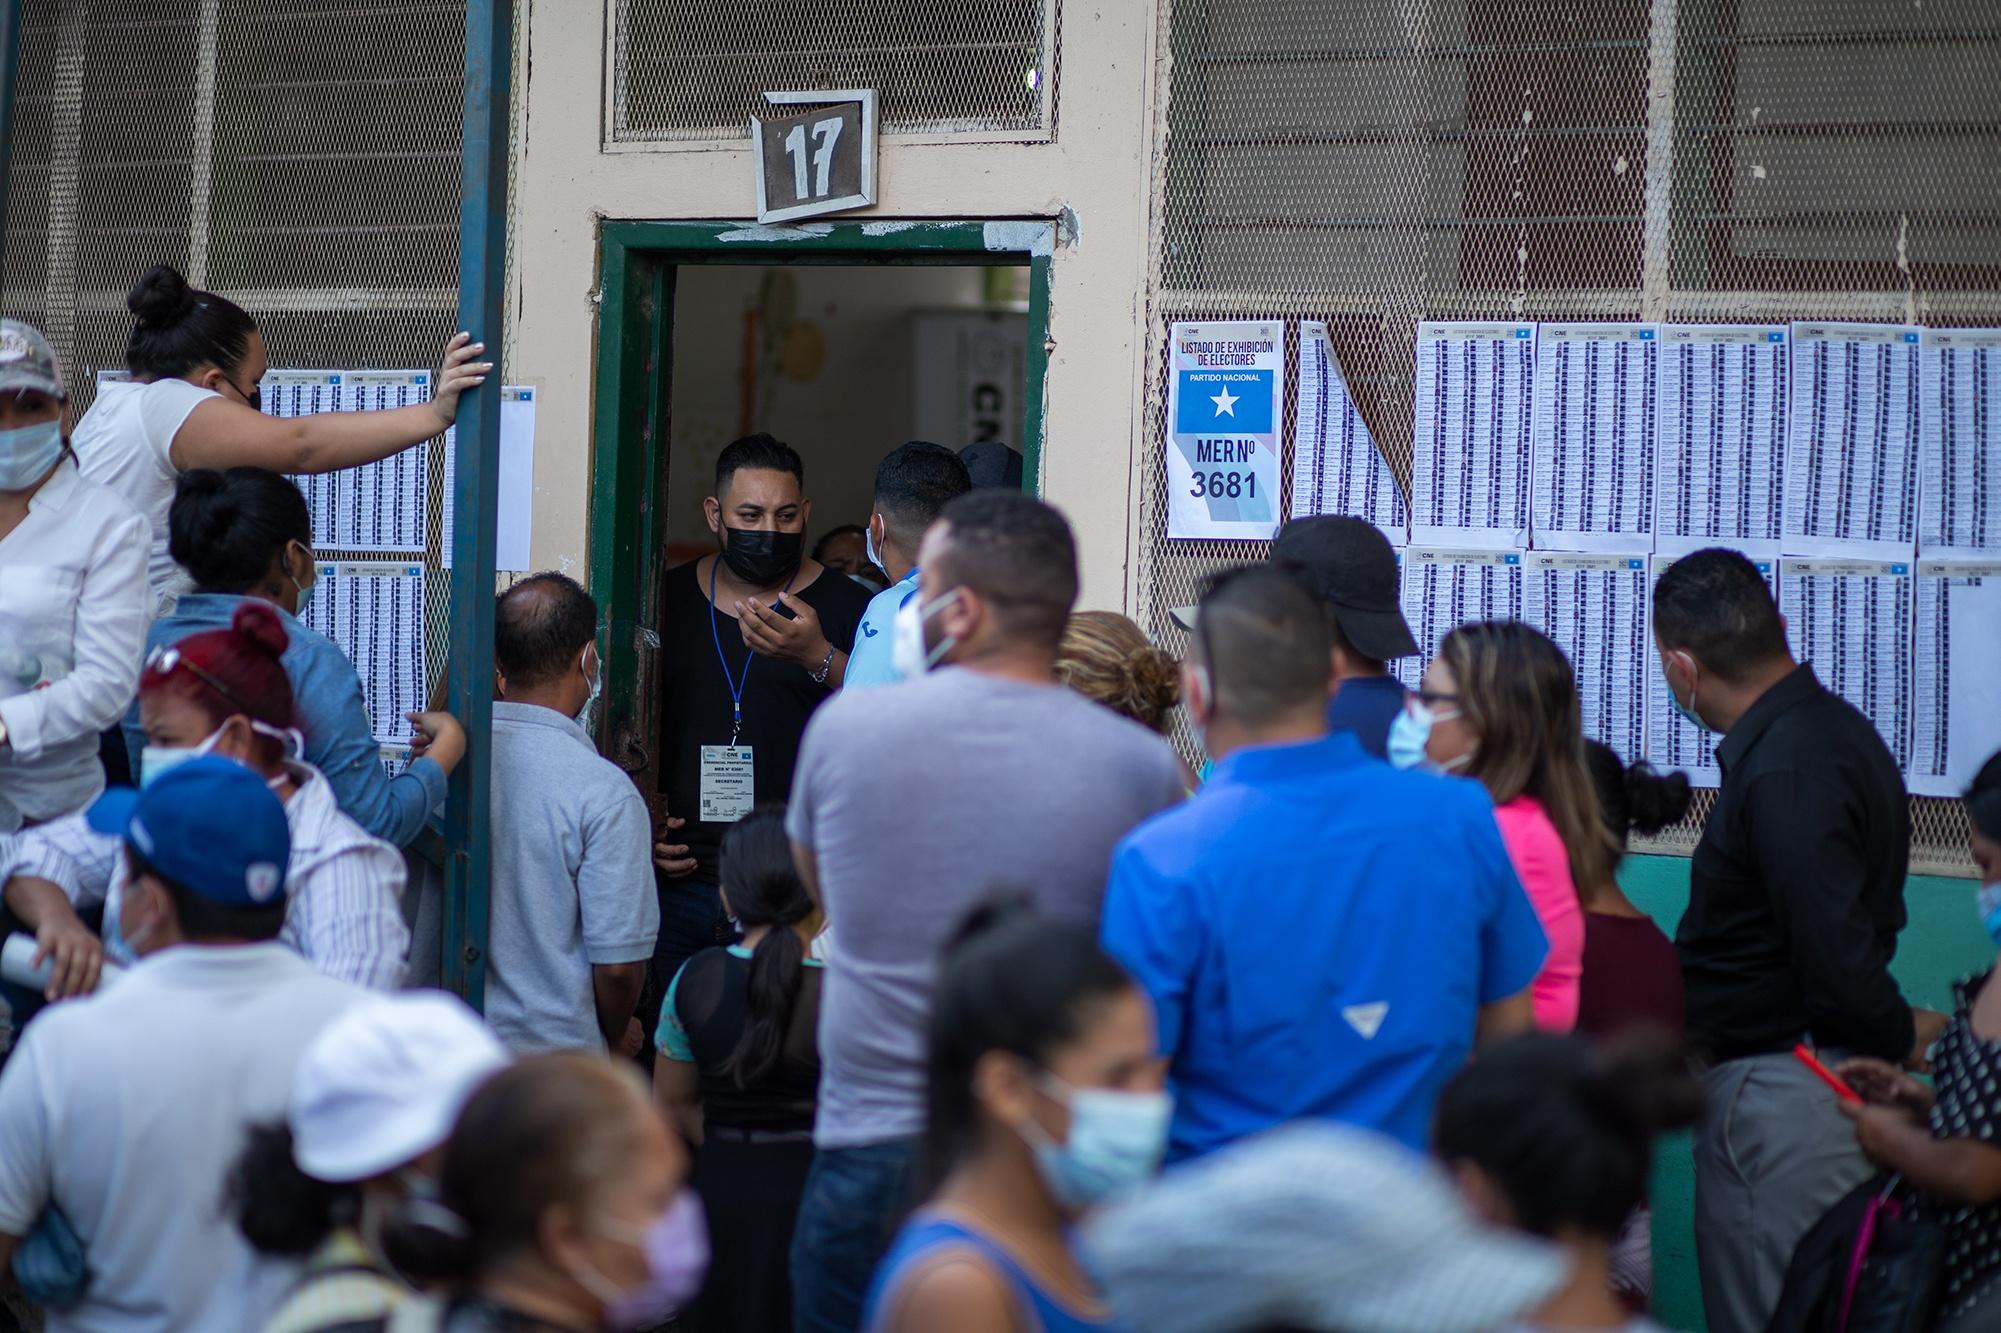 Simpatizantes nacionalistas se aglomeran sin medidas de bioseguridad en una mesa electoral nacionalista en la Escuela Rafael Pineda Ponce de la Colonia 3 de Mayo. Comayagüela, 14 de marzo de 2021. Foto: Martín Cálix.